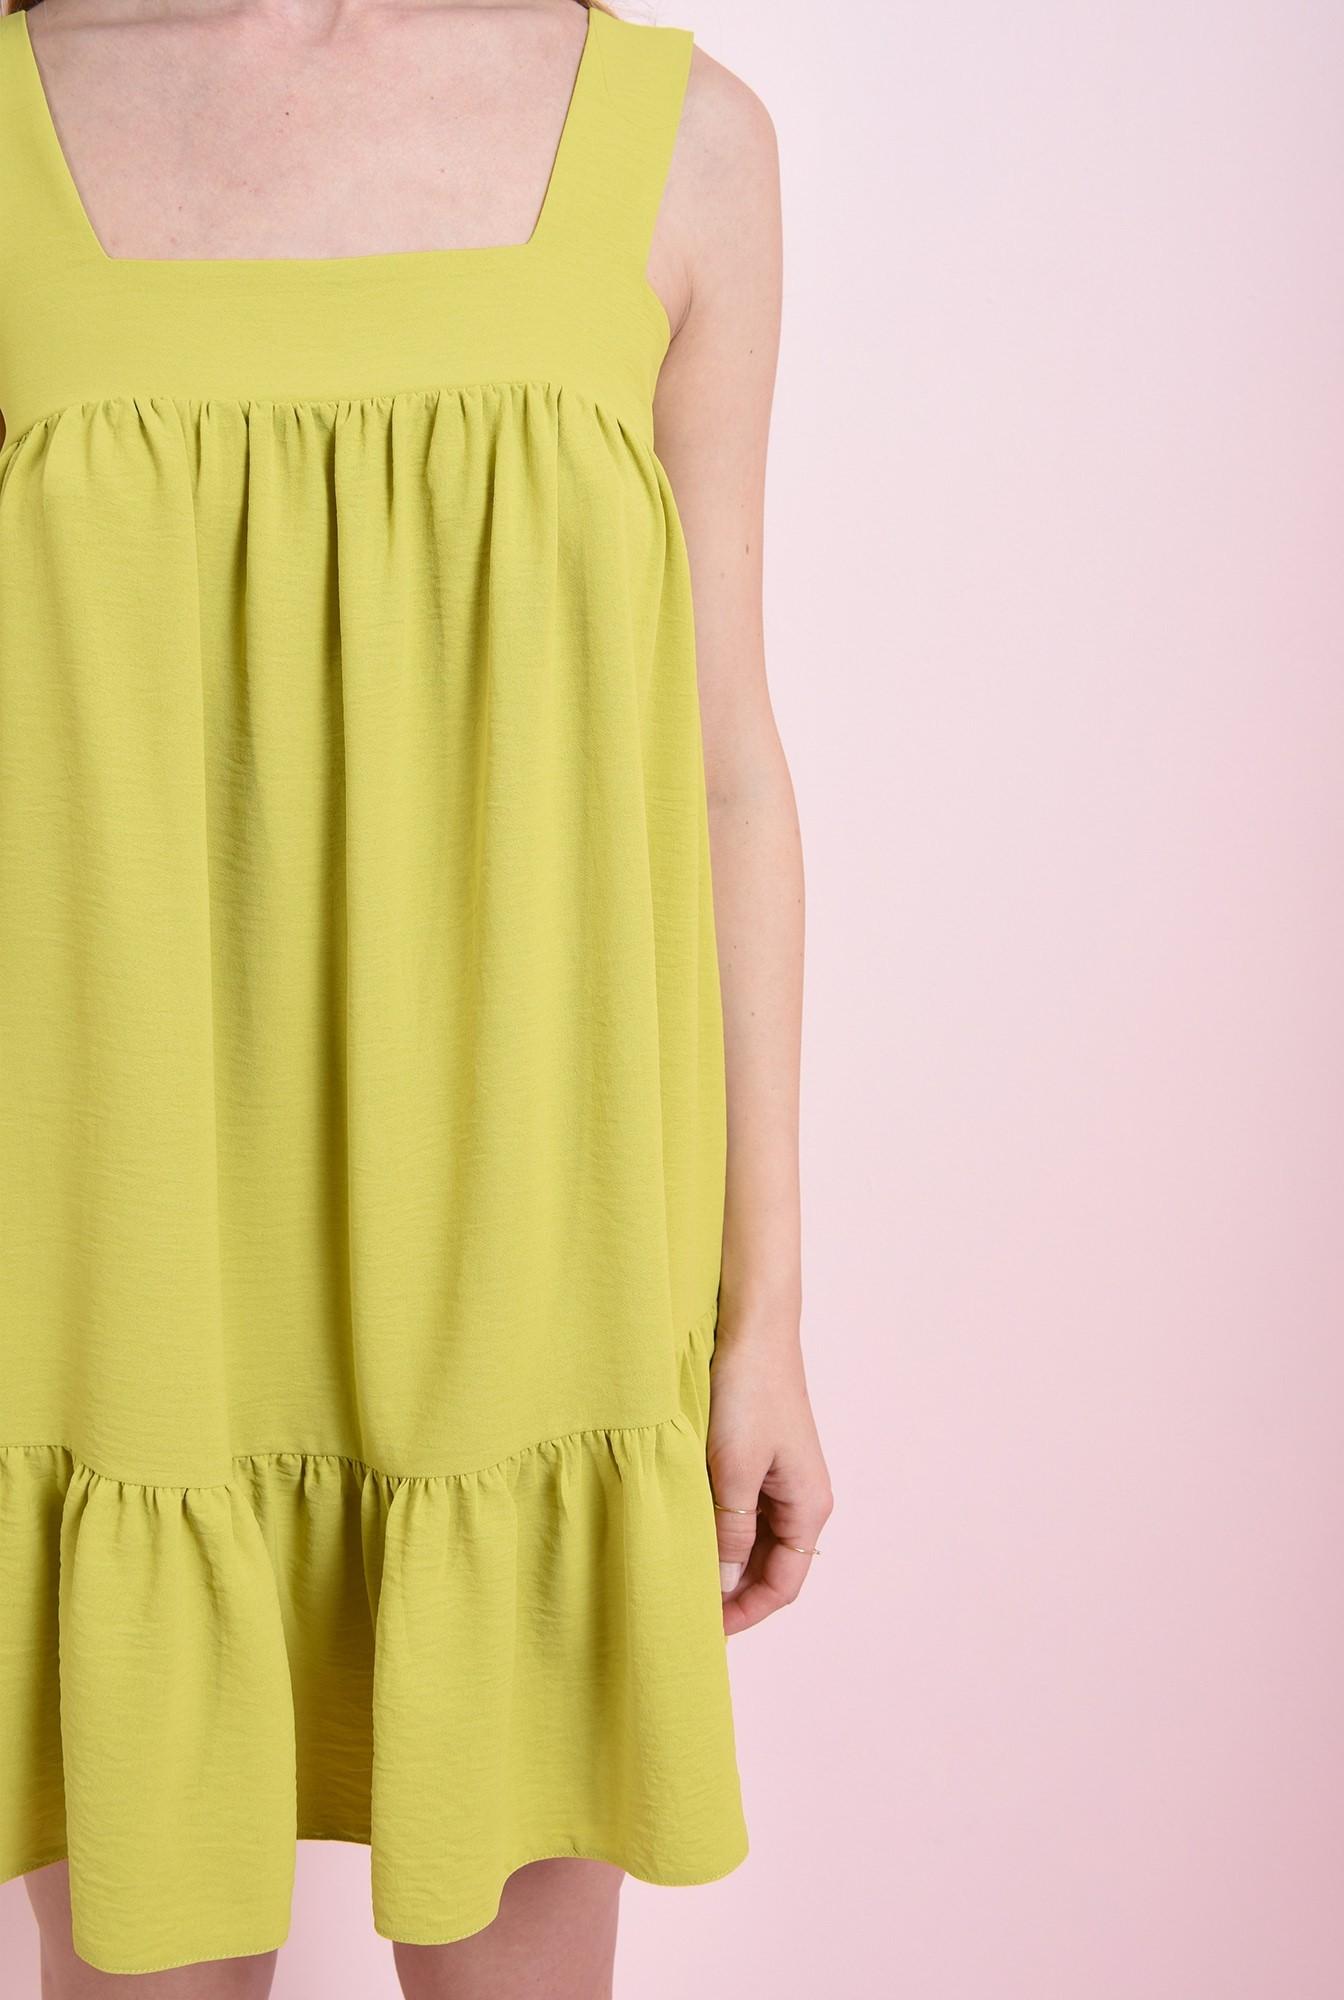 2 - rochie lime, cu decolteu geometric